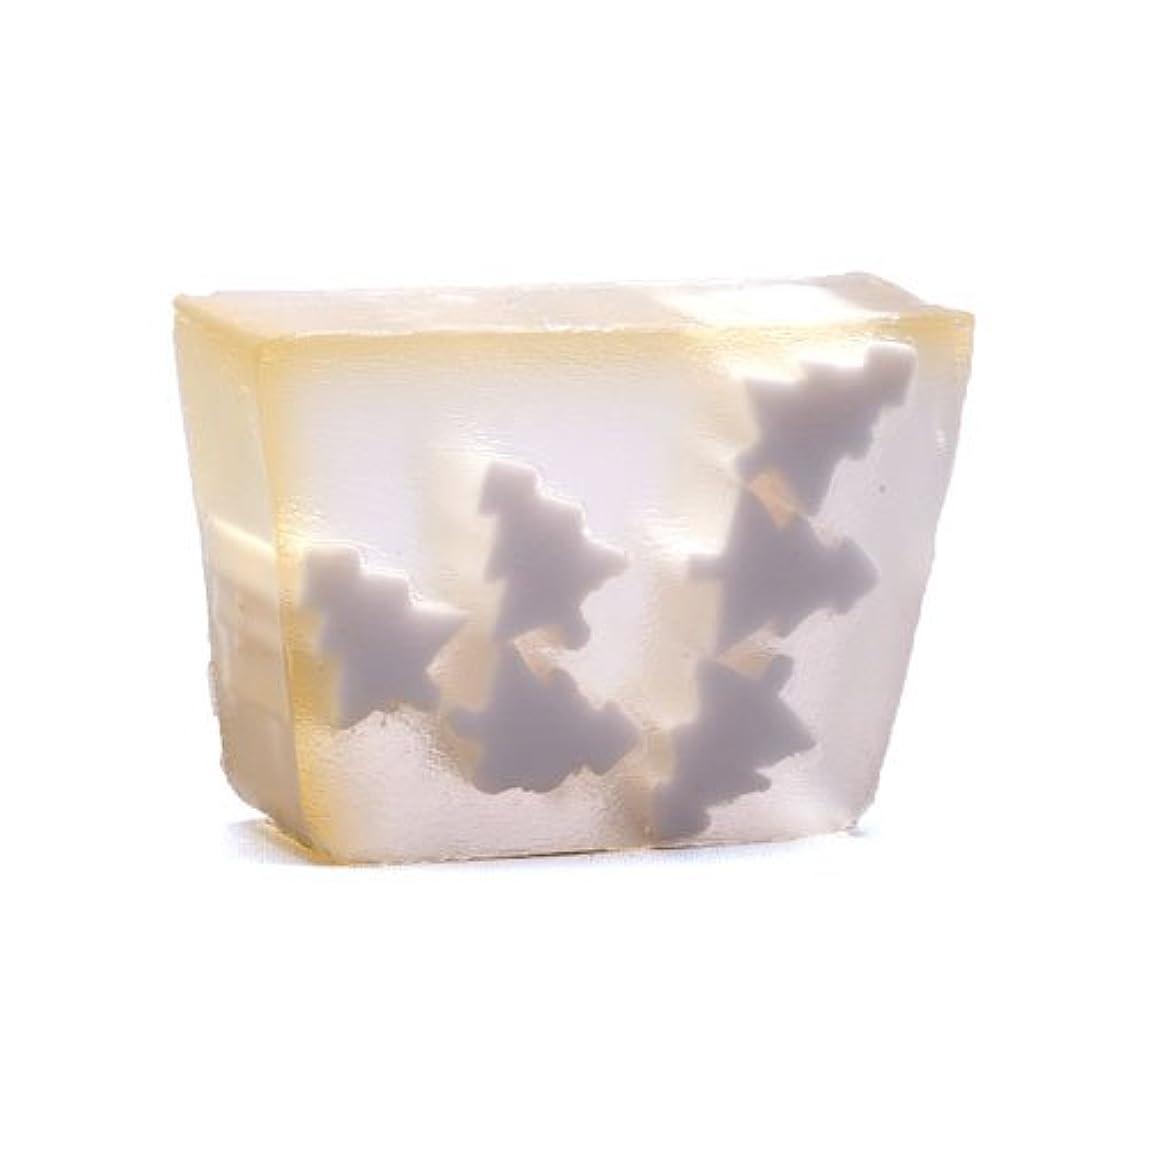 カニゆるい賭けプライモールエレメンツ アロマティック ミニソープ ホワイトワンダーランド 80g 植物性 ナチュラル 石鹸 無添加